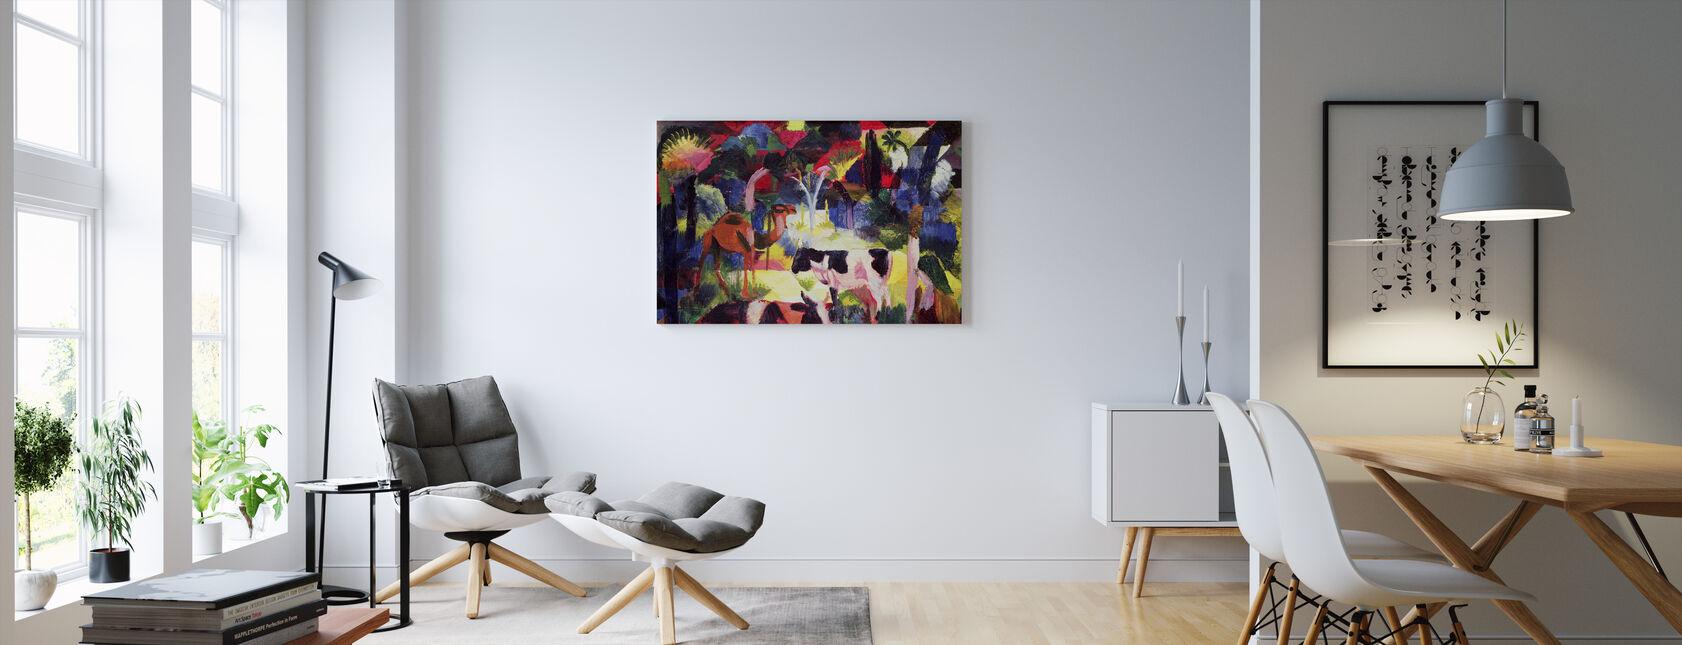 Kor och en kamel, August Macke - Canvastavla - Vardagsrum